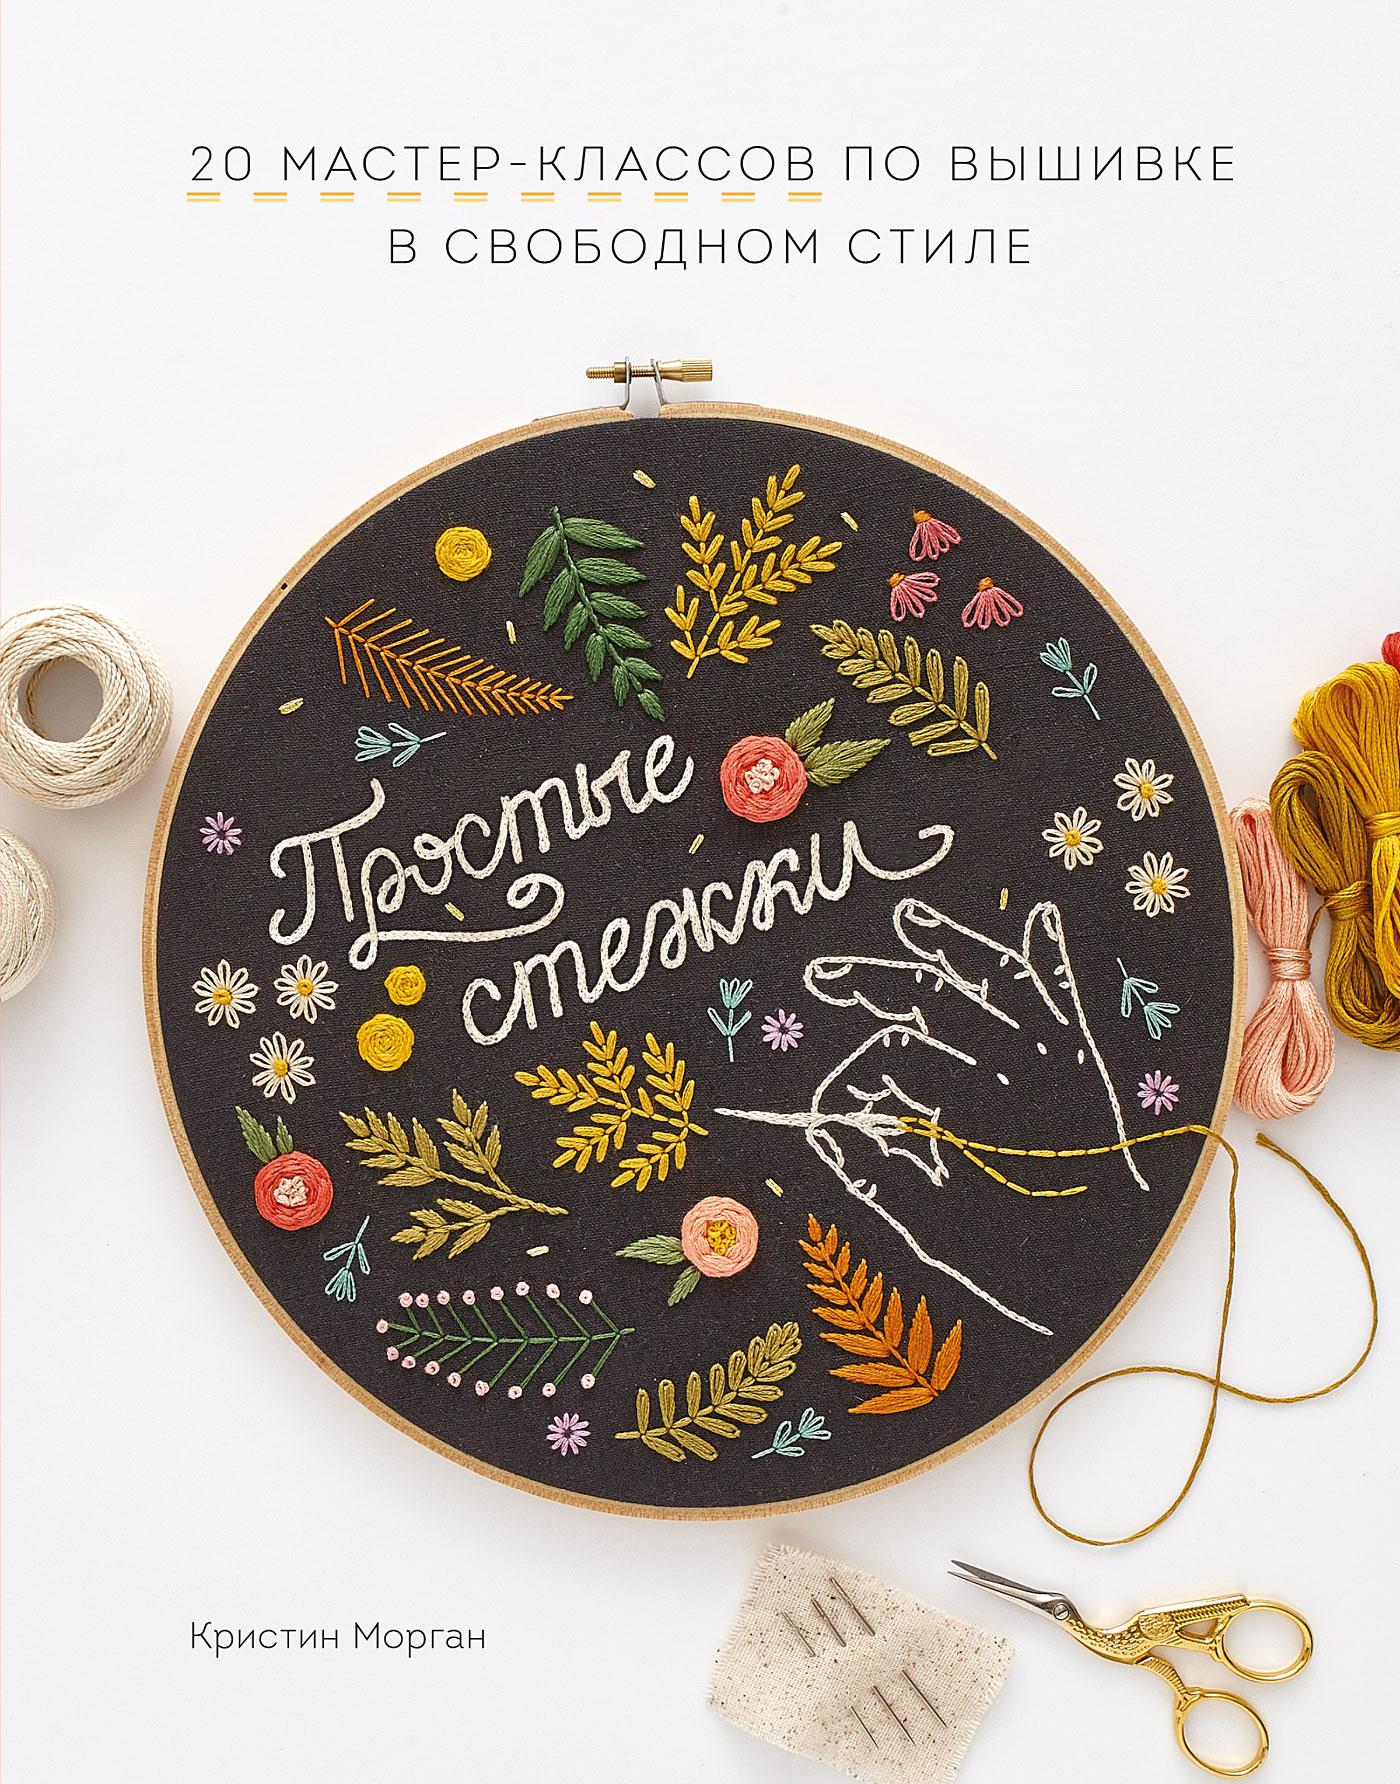 Купить книгу Простые стежки, автора Кристин Моргана